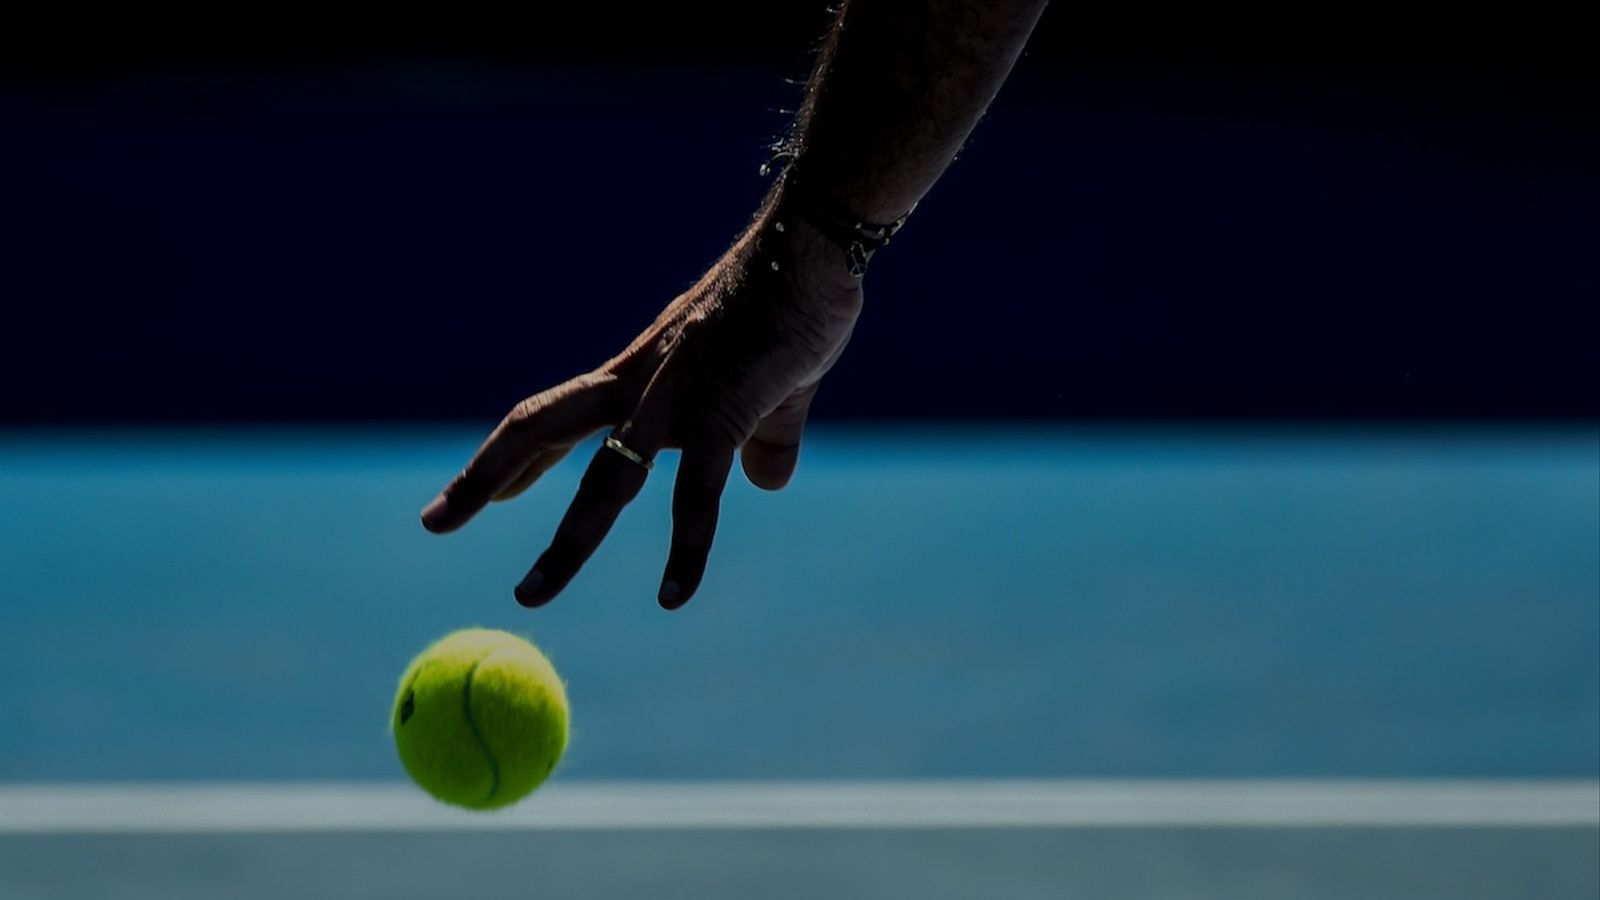 El món del tenis, sota sospita d'haver arreglat partits / FILIP SINGER / EFE